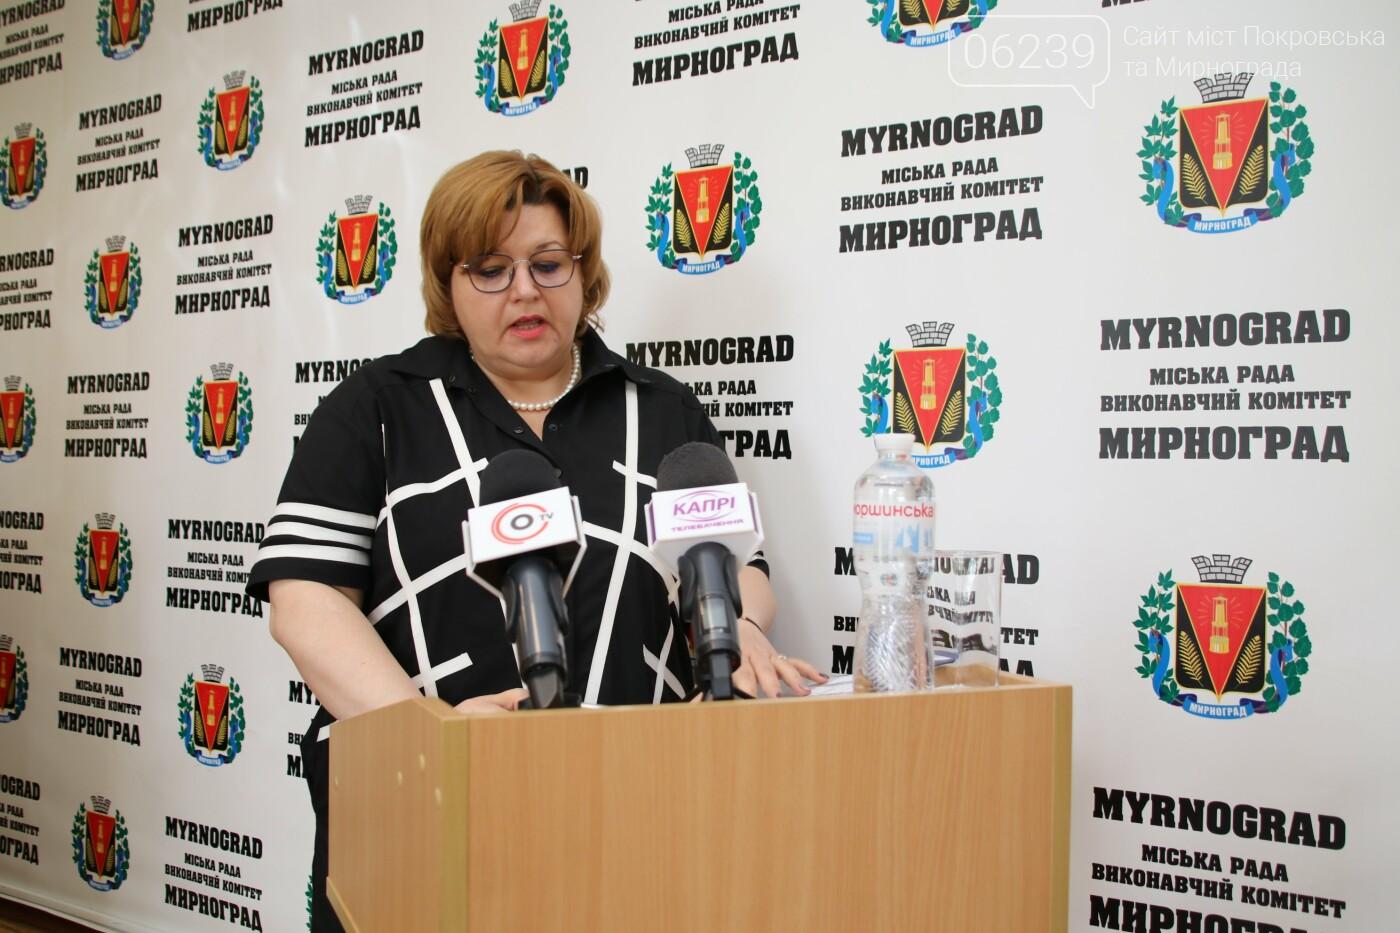 Вопросы благоустройства города и местного бюджета: в Мирнограде состоялась сессия городского совета, фото-8